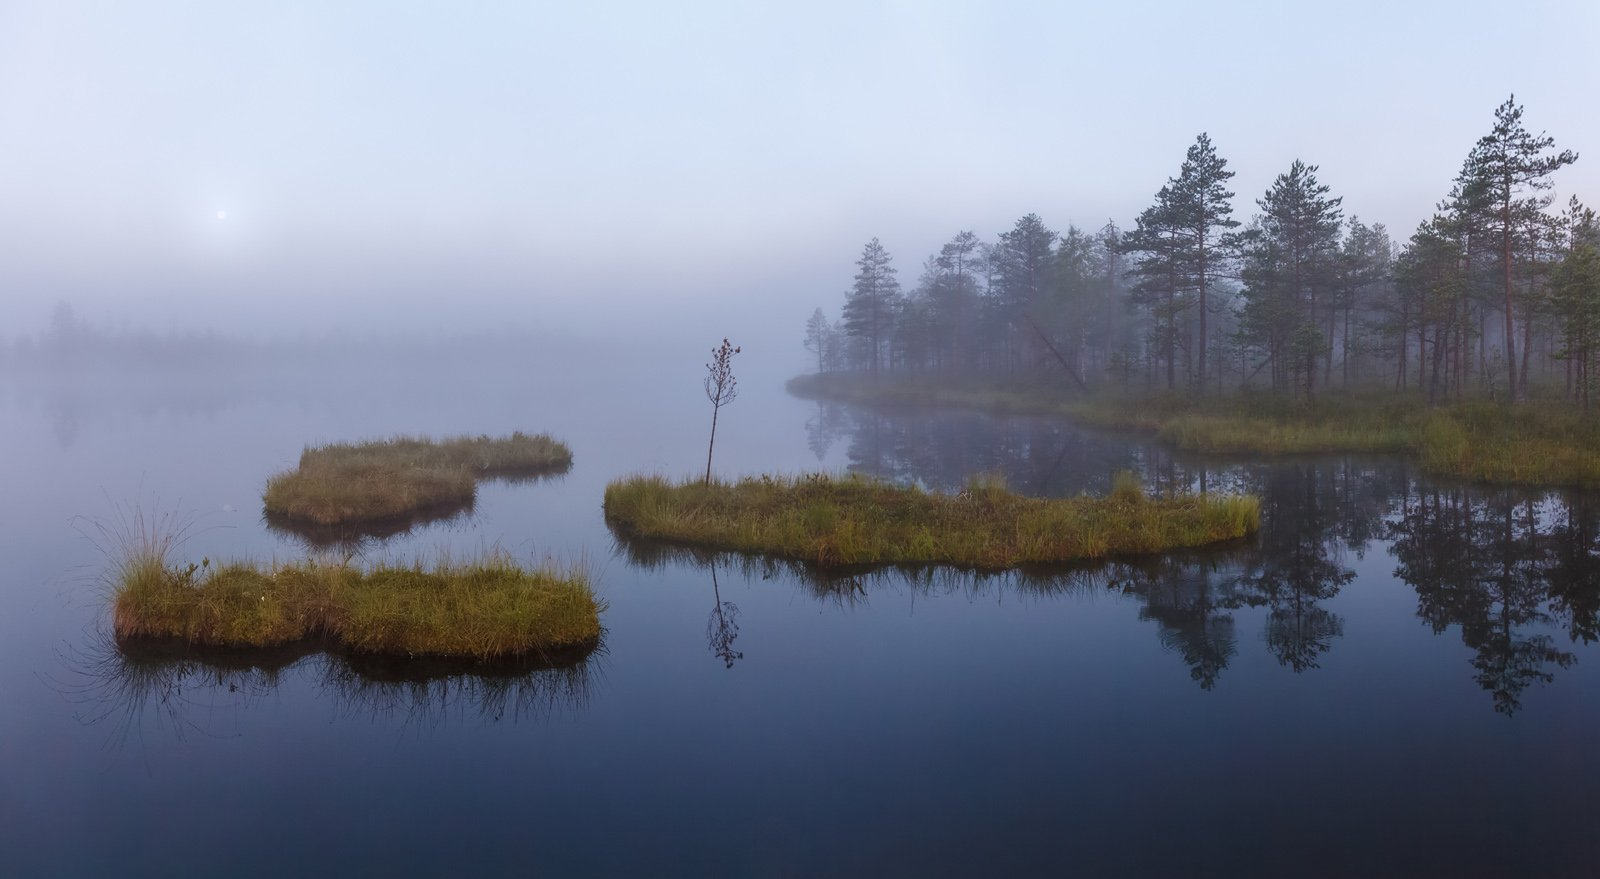 болото, плавающие острова, сплавина, Арсений Кашкаров